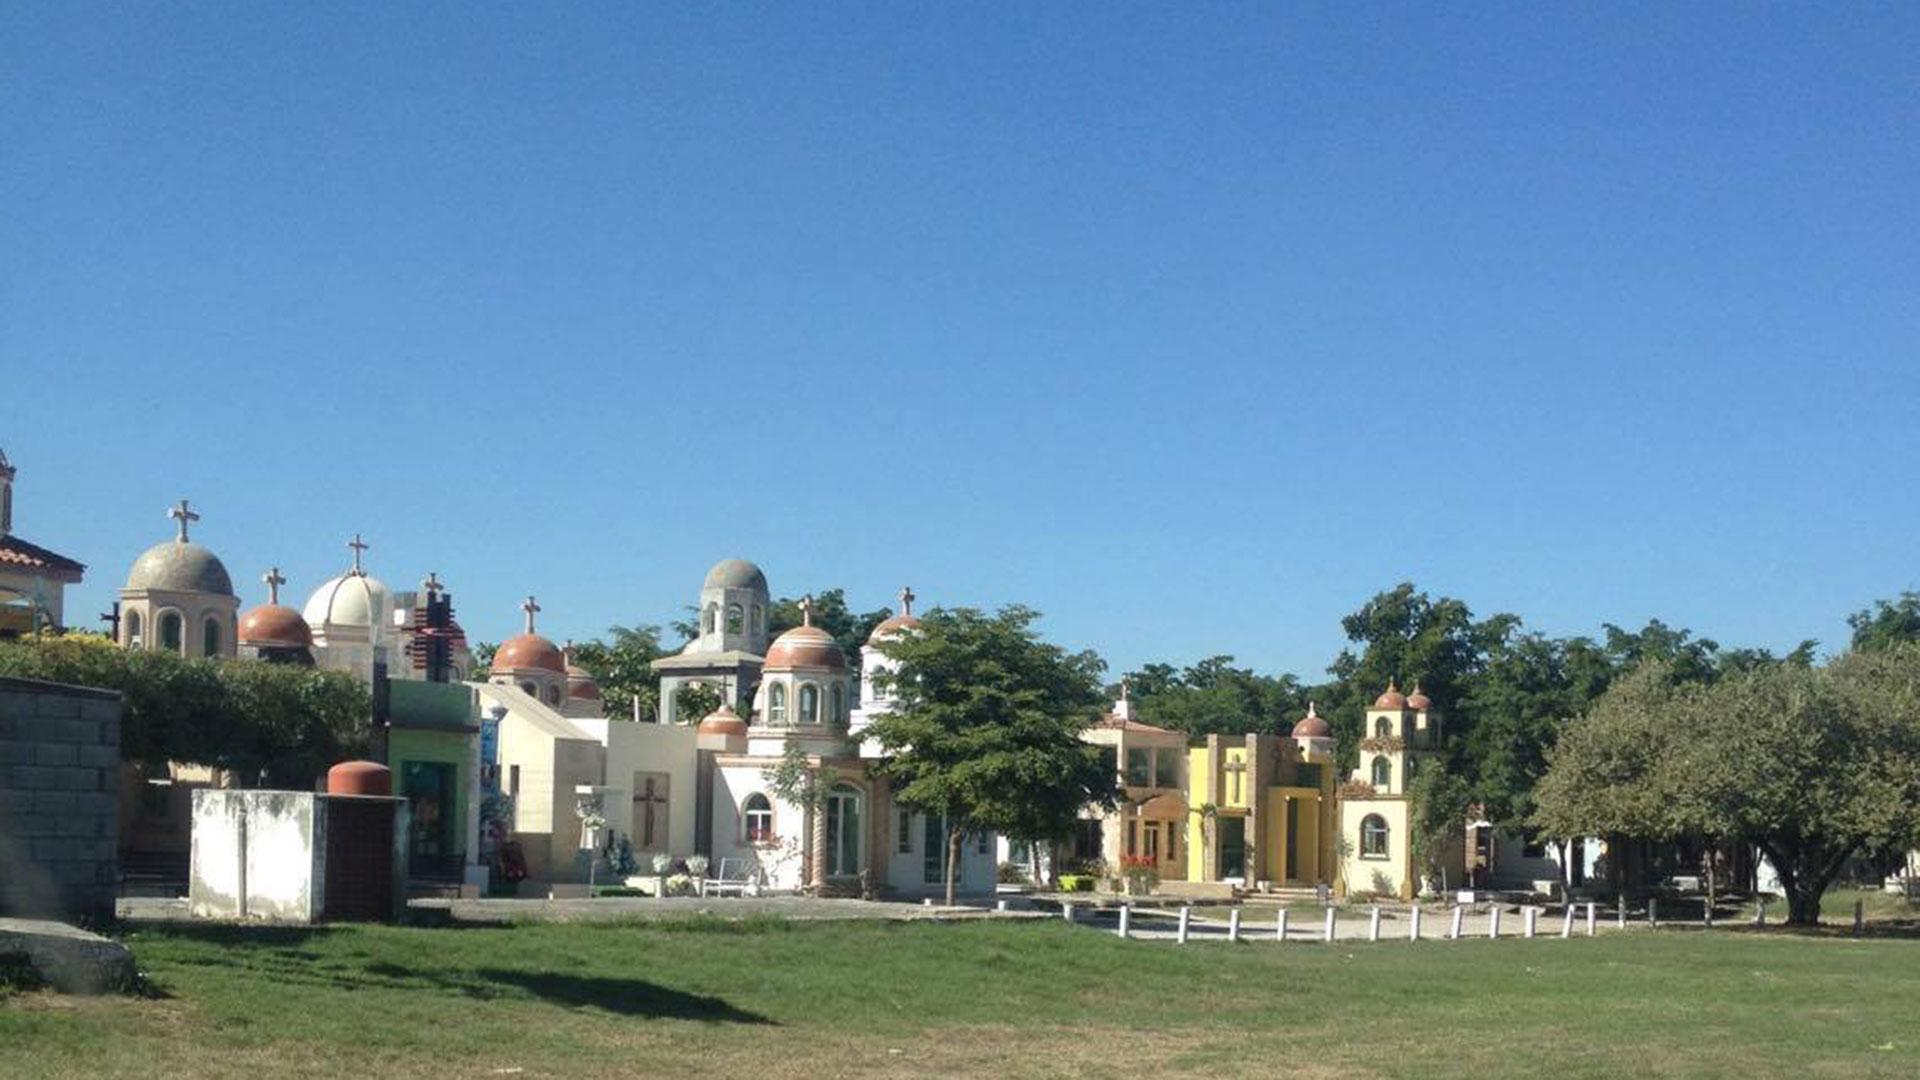 El área del panteón Jardínes del Humaya, en Culiacán, donde están enterrados los cuerpos de los capos narco de Sinaloa